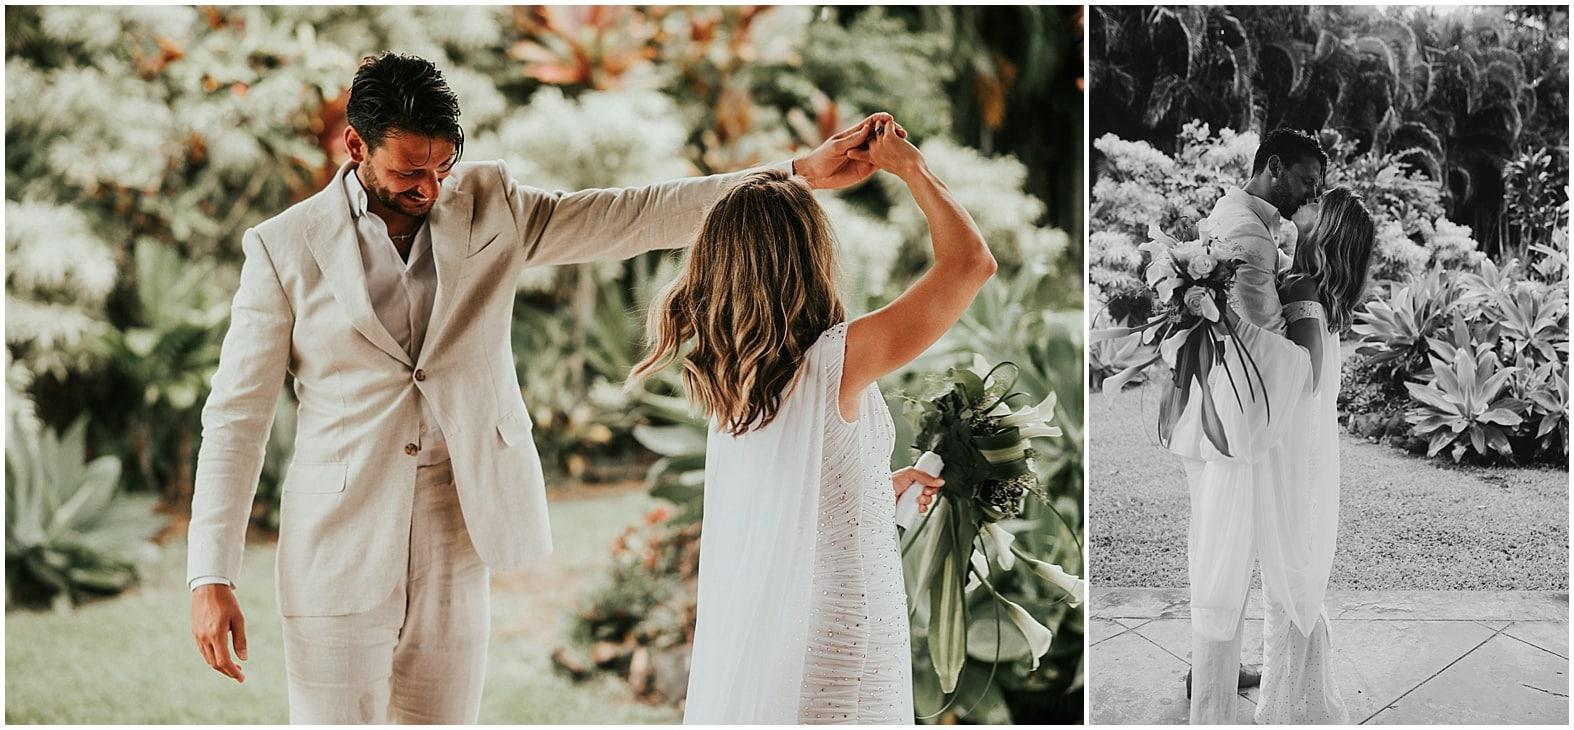 Val & Will | Wedding day ~ Huelo, Hawaii